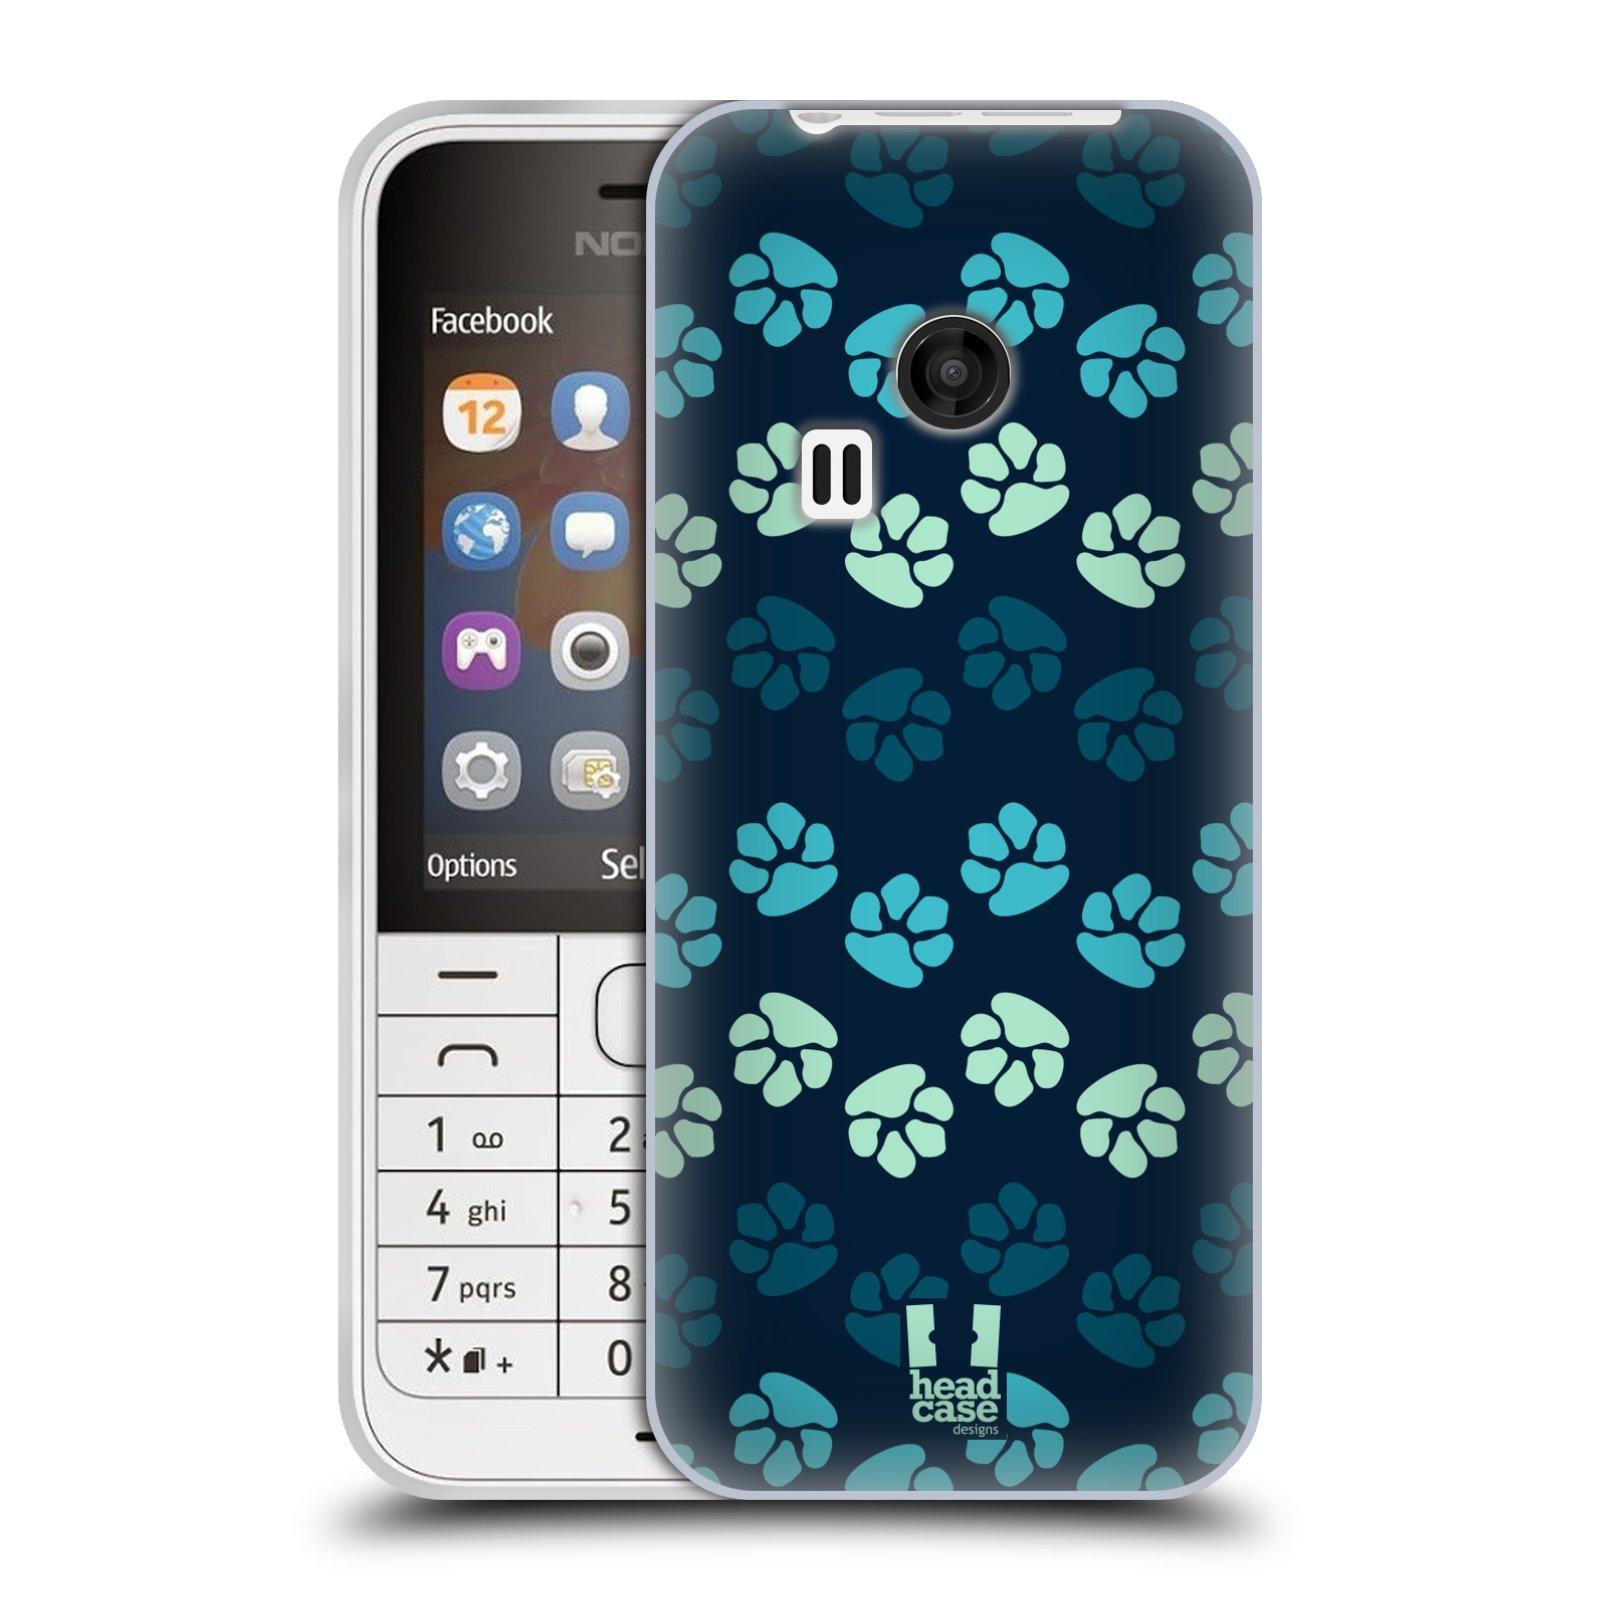 Silikonové pouzdro na mobil Nokia 220 HEAD CASE TLAPKY MODRÉ (Silikonový kryt či obal na mobilní telefon Nokia 220 a 220 Dual SIM)